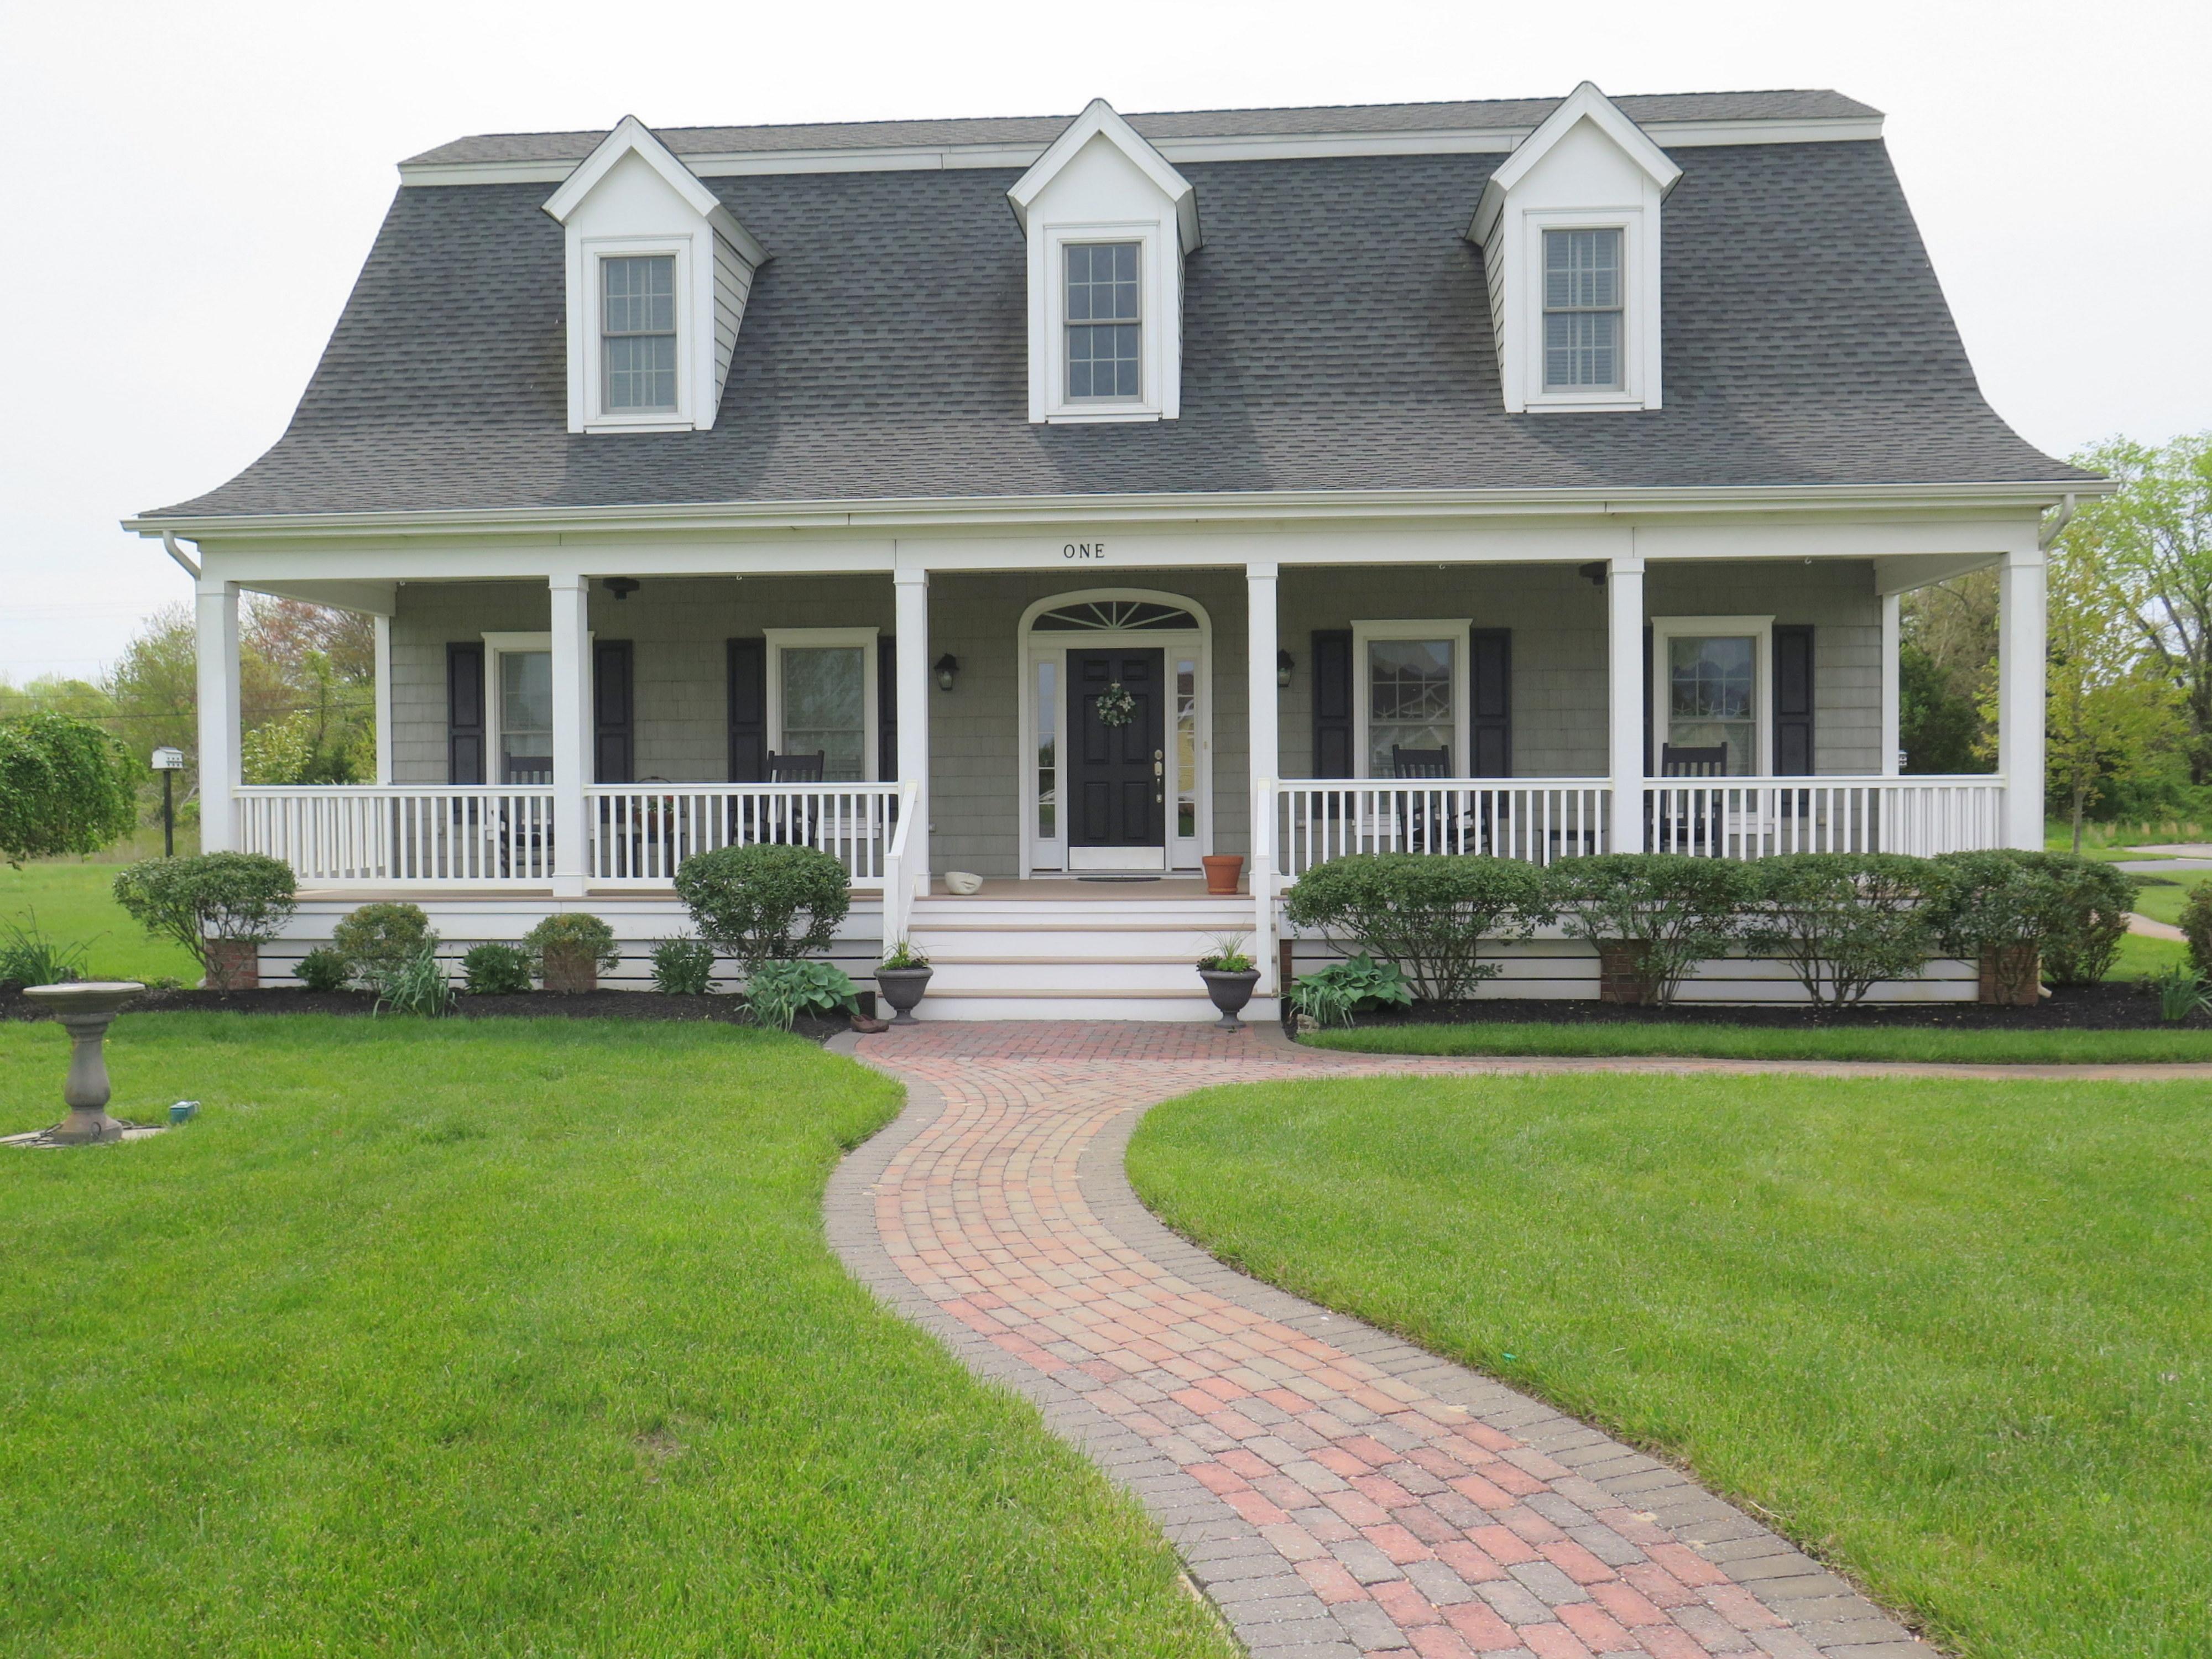 Casa Unifamiliar por un Venta en 1 Eagle Court Lower Township, Nueva Jersey 08204 Estados Unidos